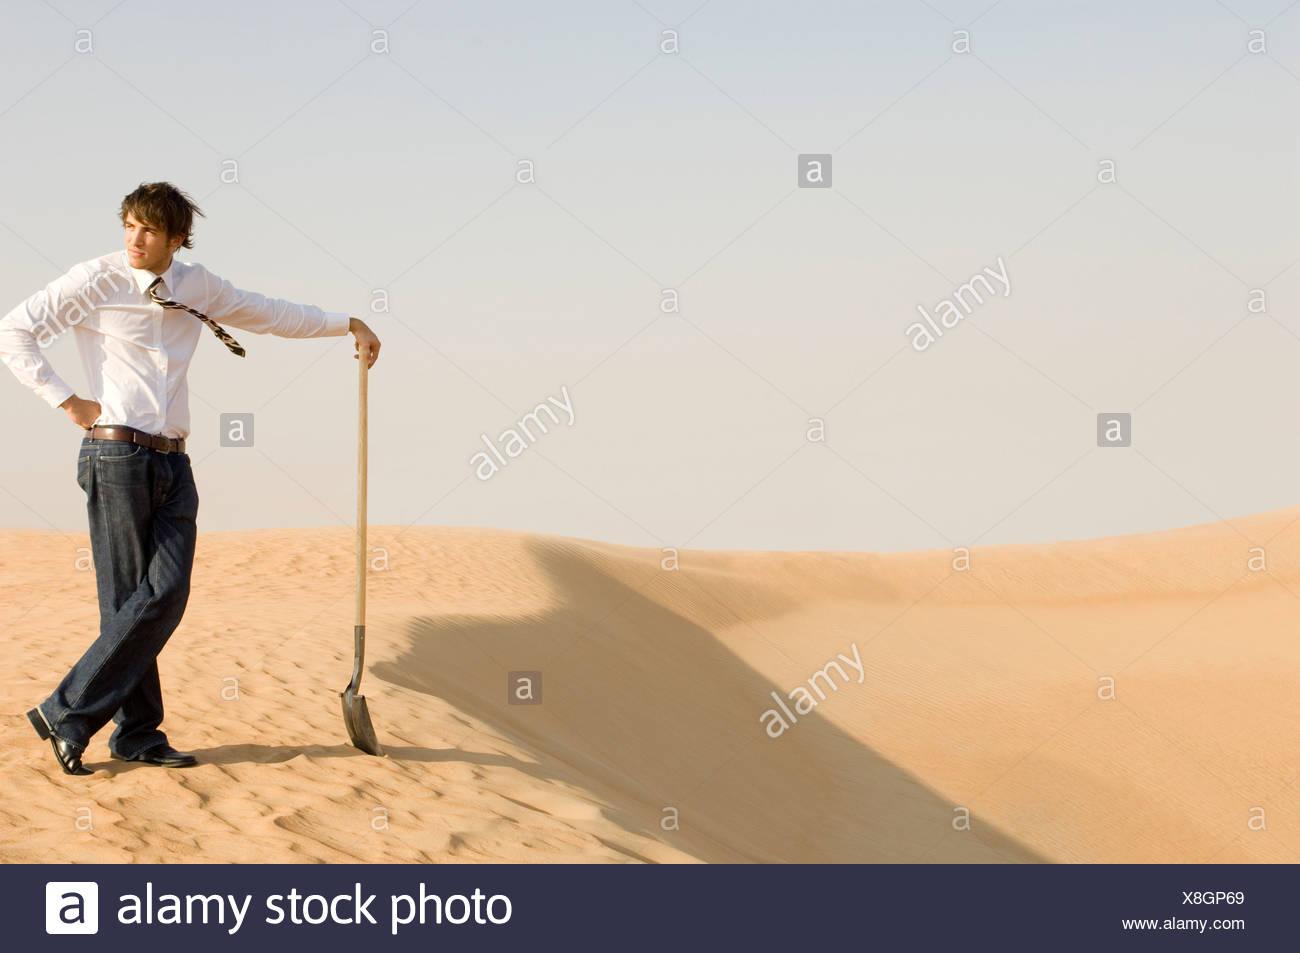 Un giovane uomo in piedi nel deserto con una vanga Immagini Stock